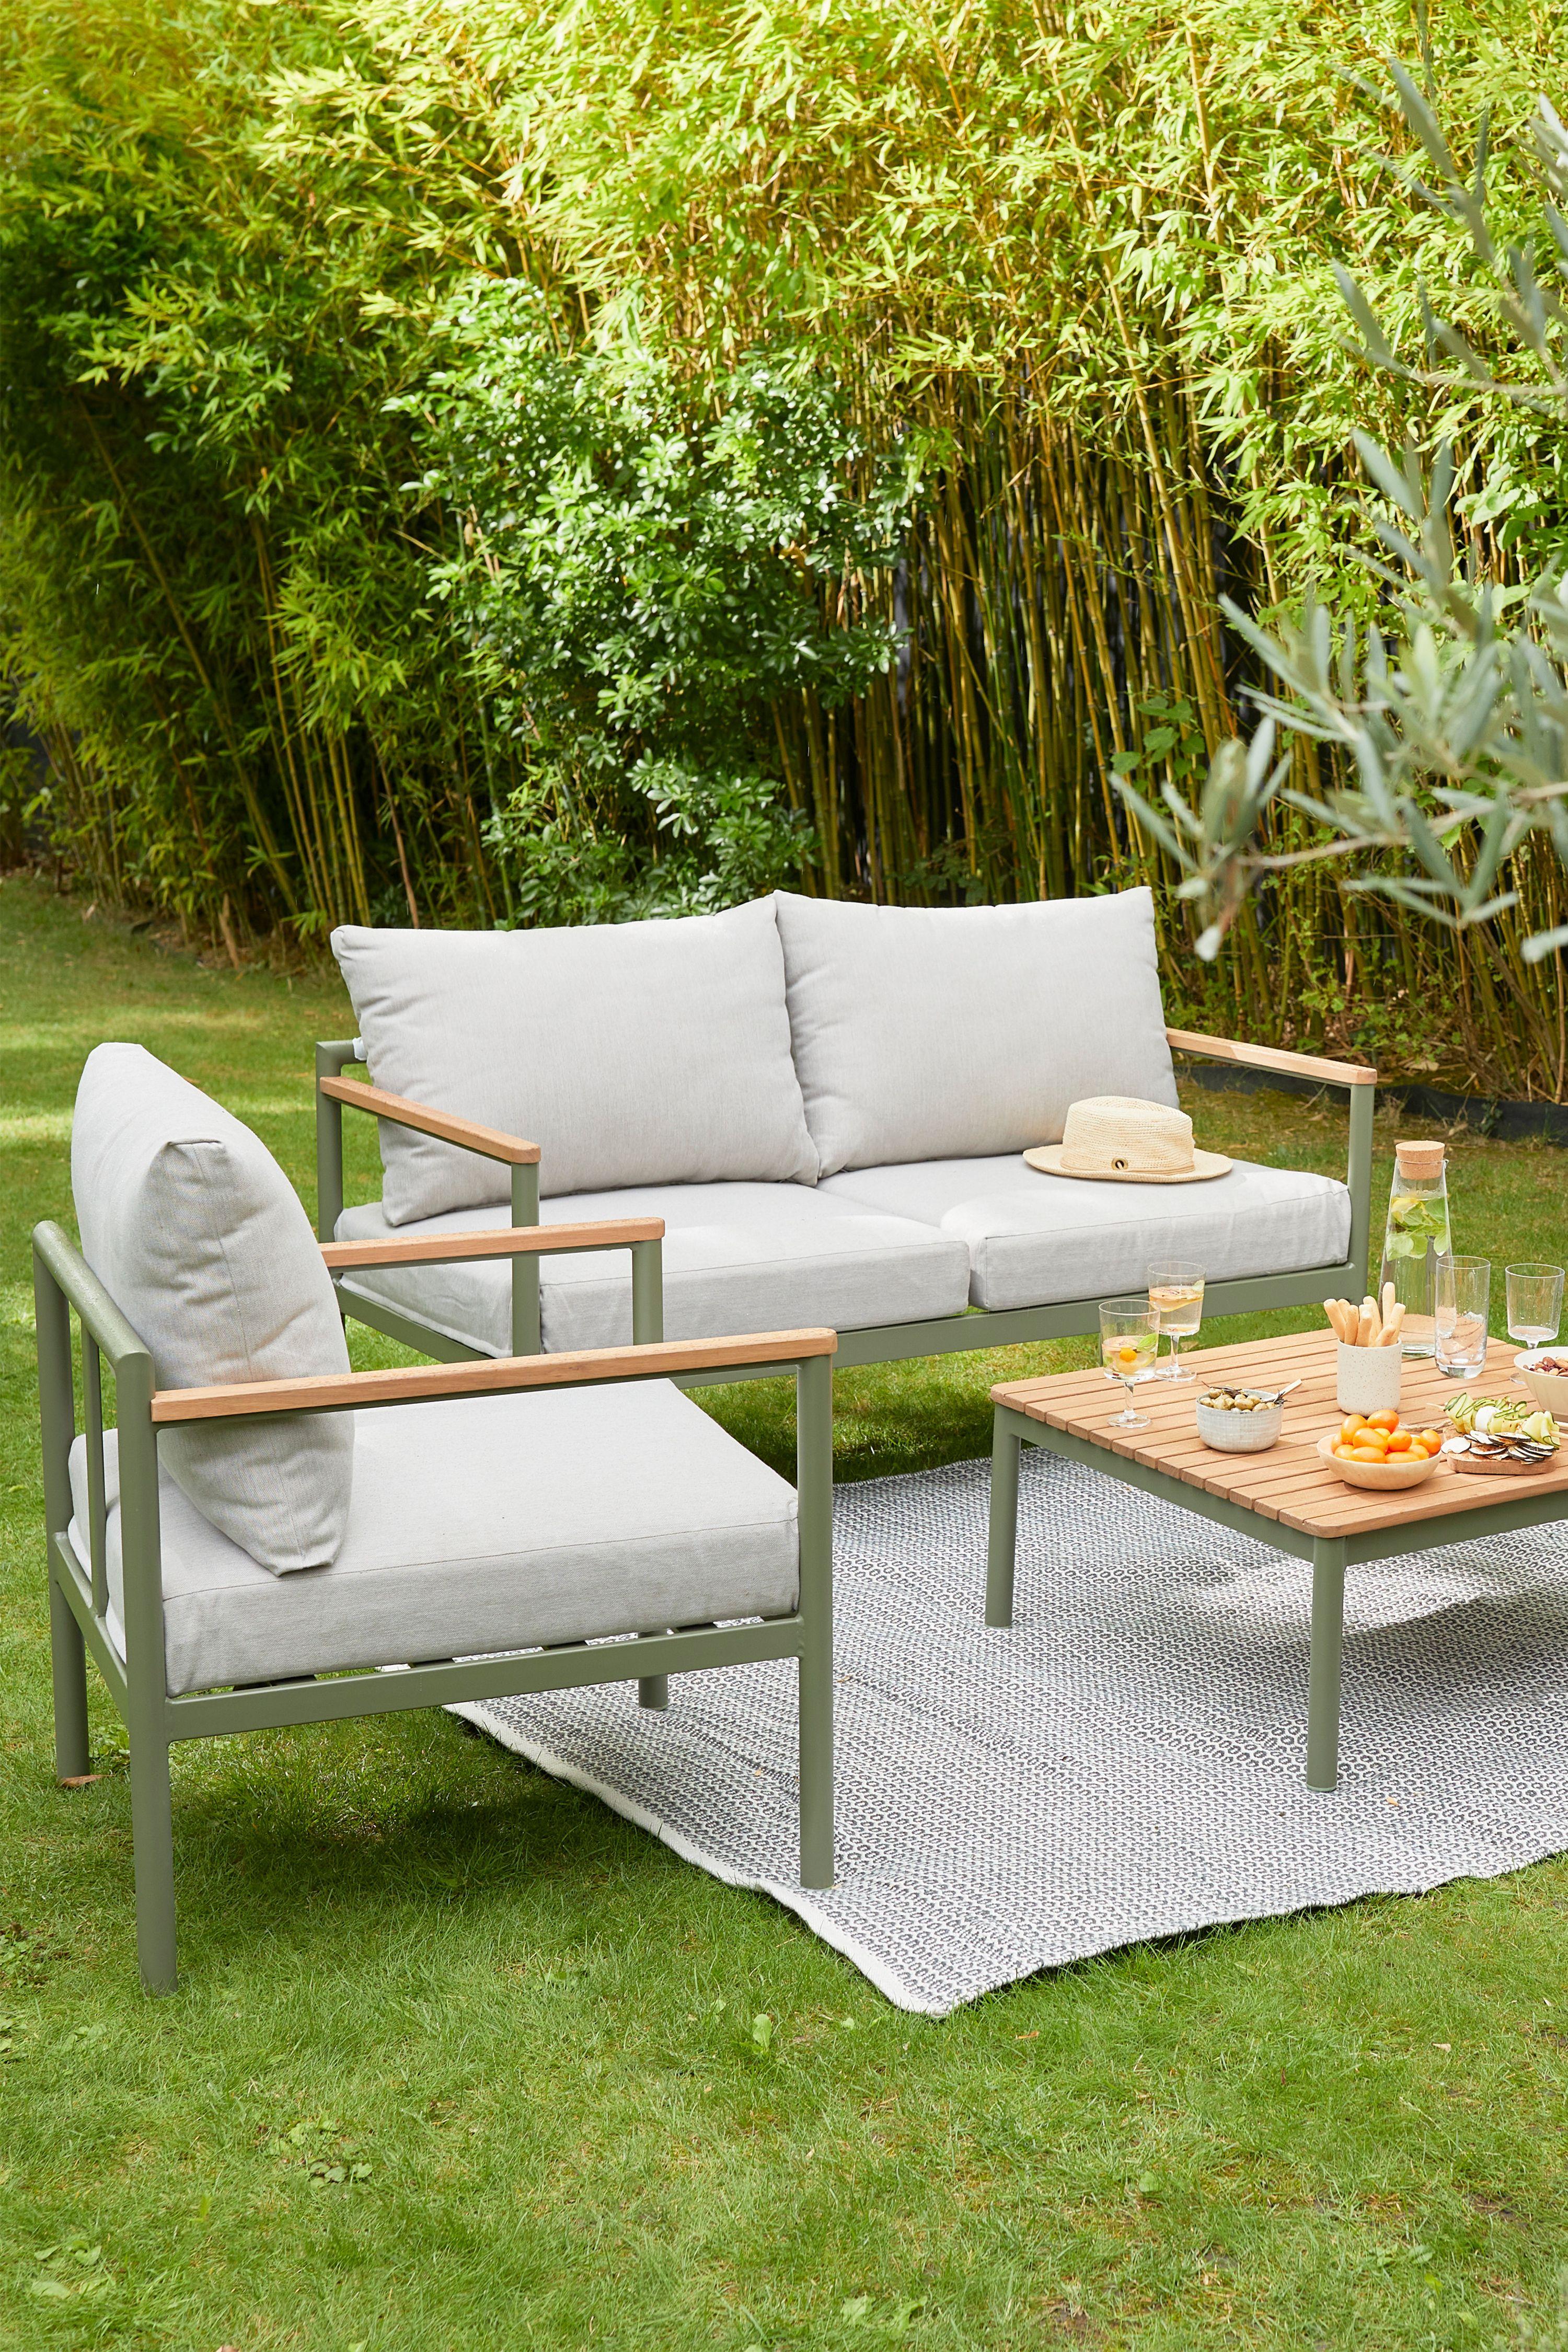 Gotowy Zestaw Mebli Tarasowych Goodhome Akoa Gotowe In 2021 Outdoor Decor Outdoor Furniture Home Decor